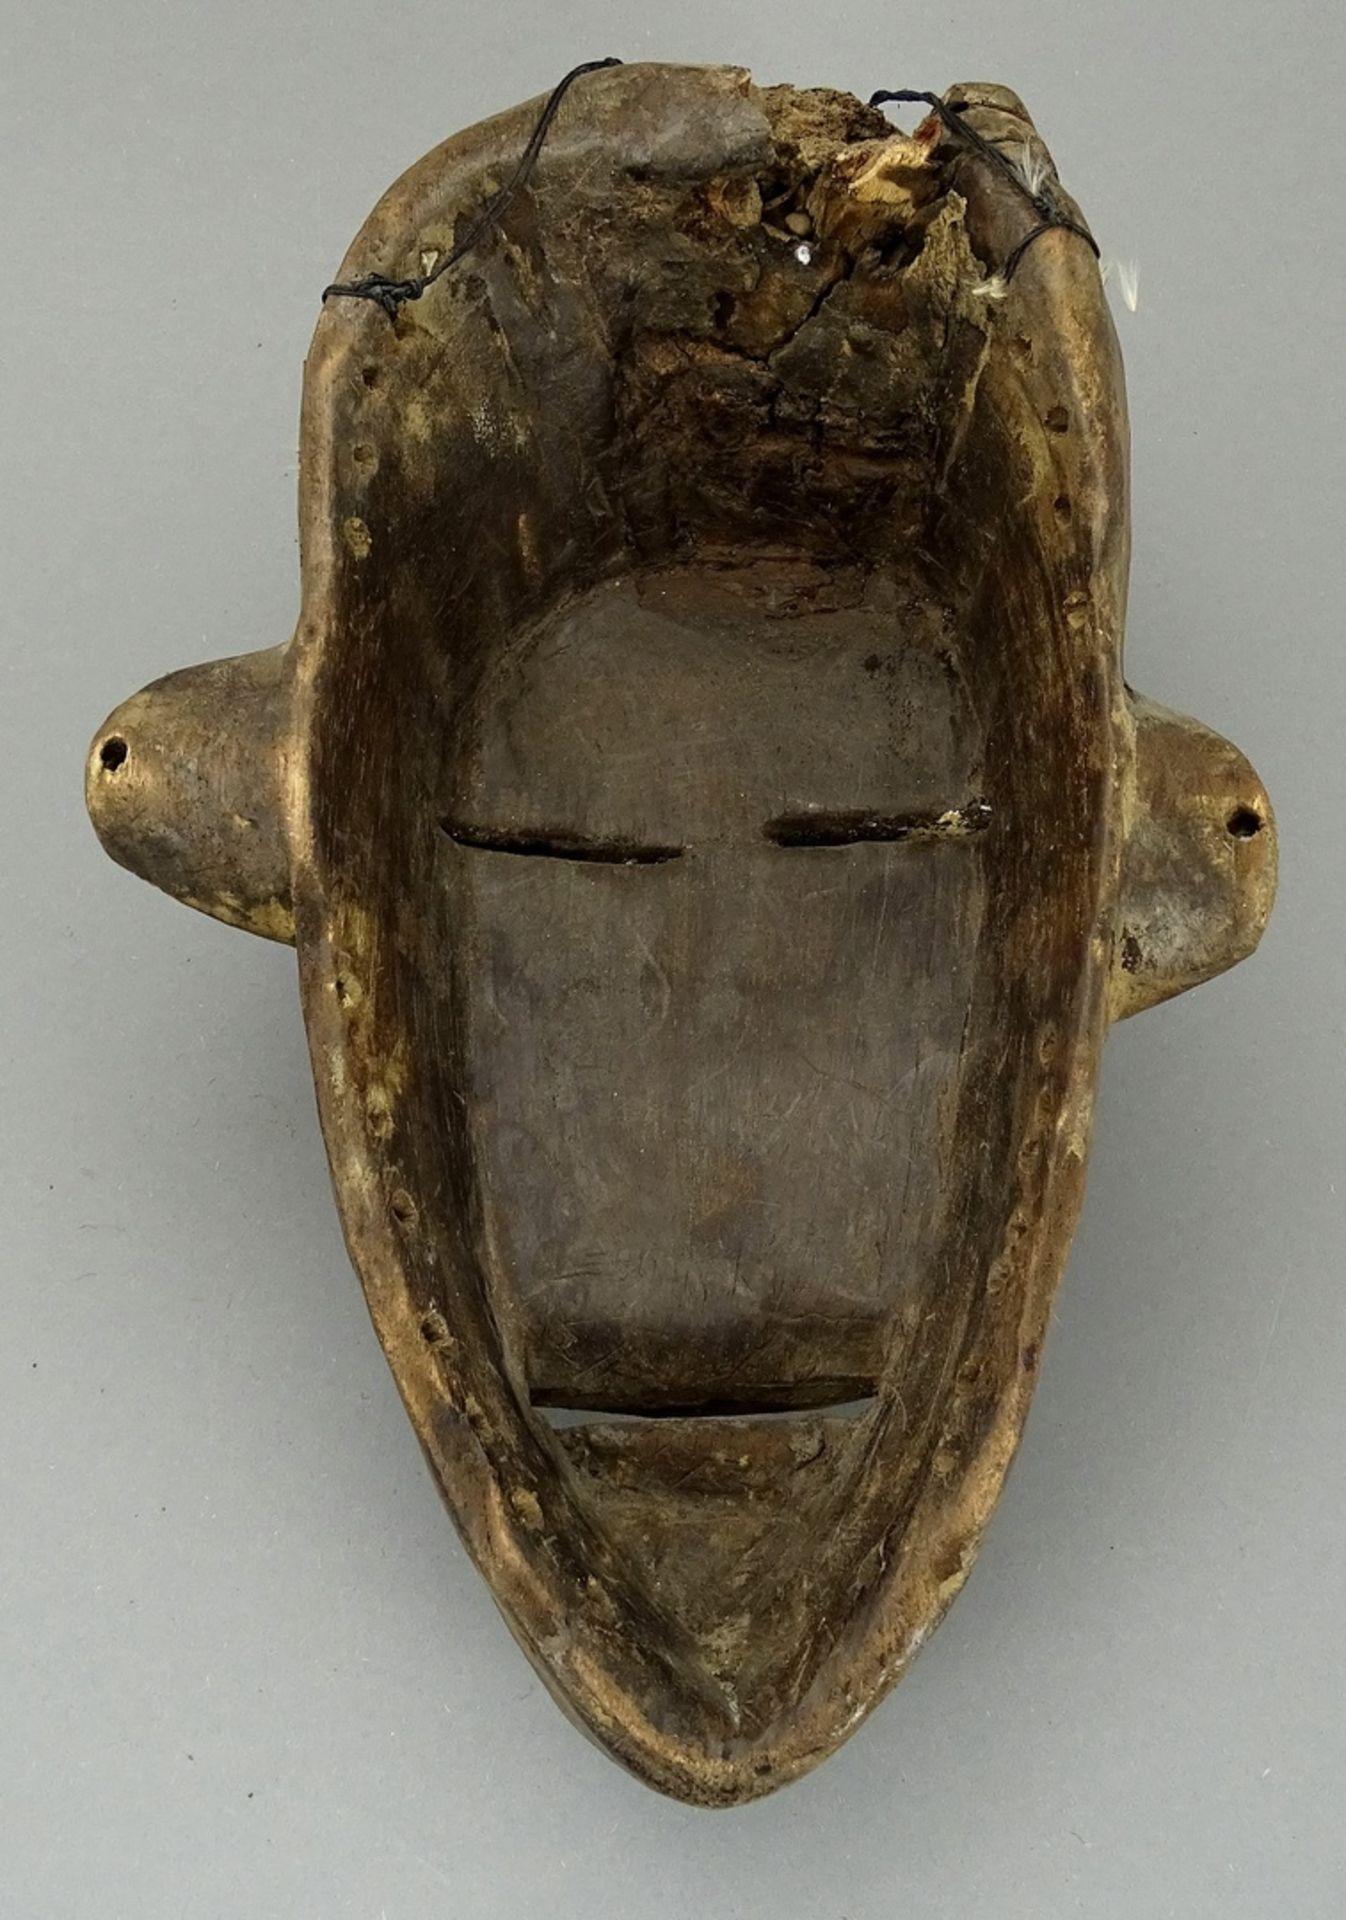 """Vorsatzmaske """"deangle"""", Dan, Liberia / Elfenbeinküste (Côte d'Ivoire) - Bild 2 aus 2"""